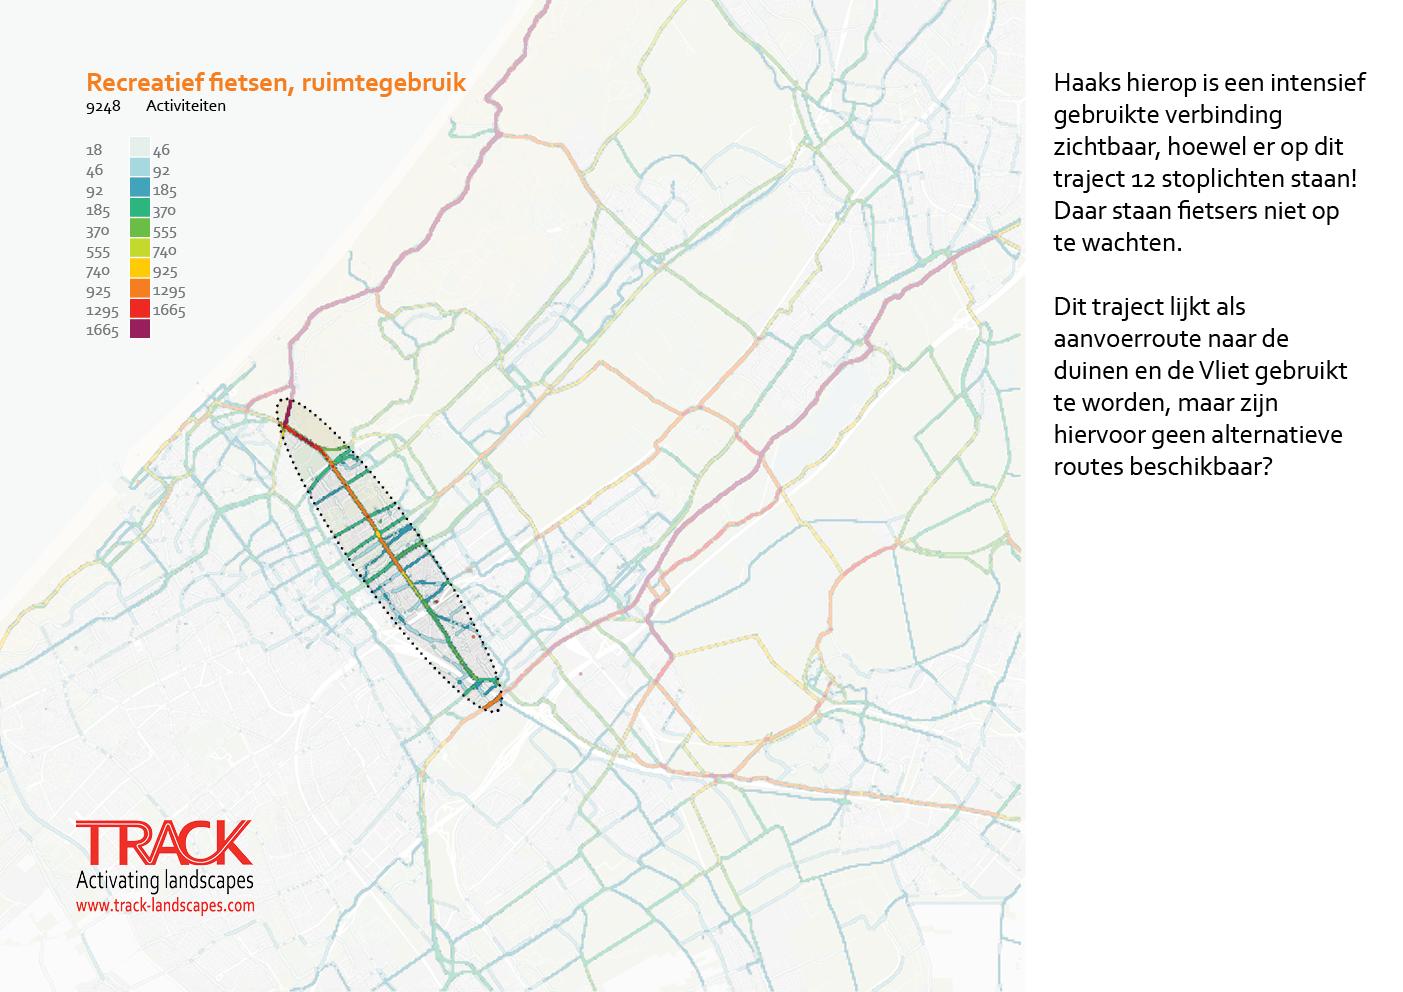 Den Haag_ruimtegebruik recreatieve fietsers